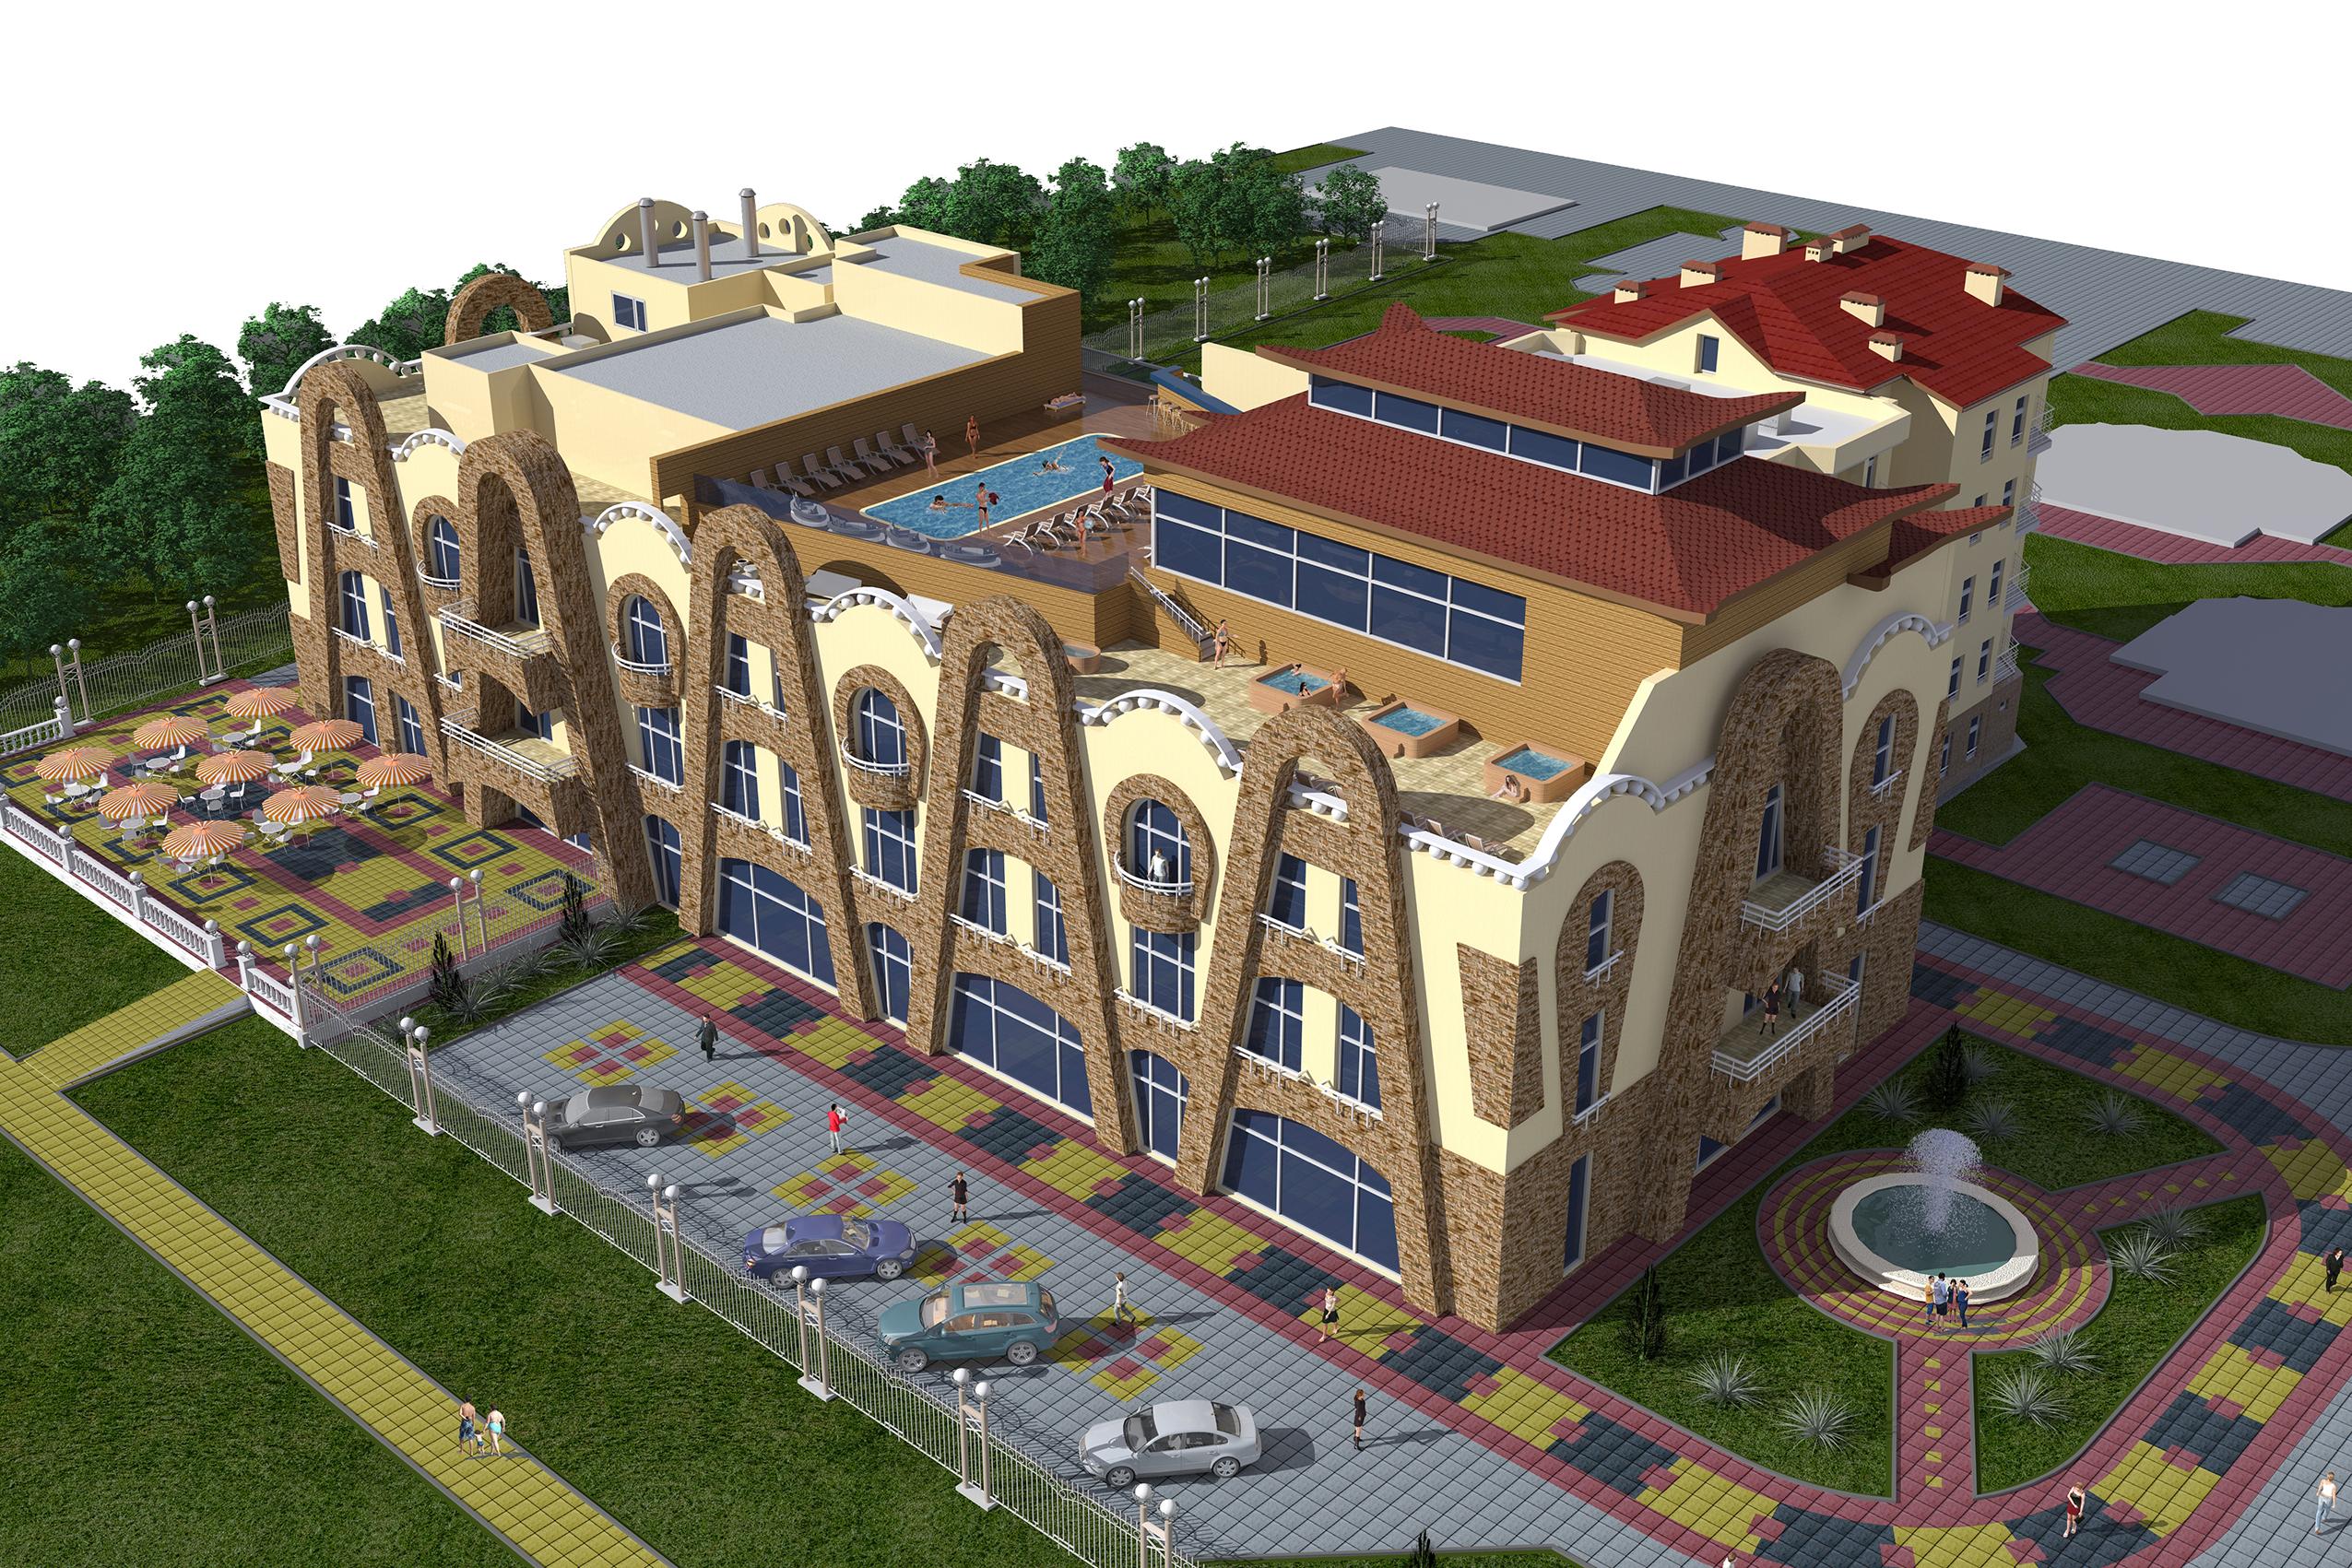 Оздоровительно-развлекательный комплекспо по Пионерскому проспекту в городе-курорте Анапа